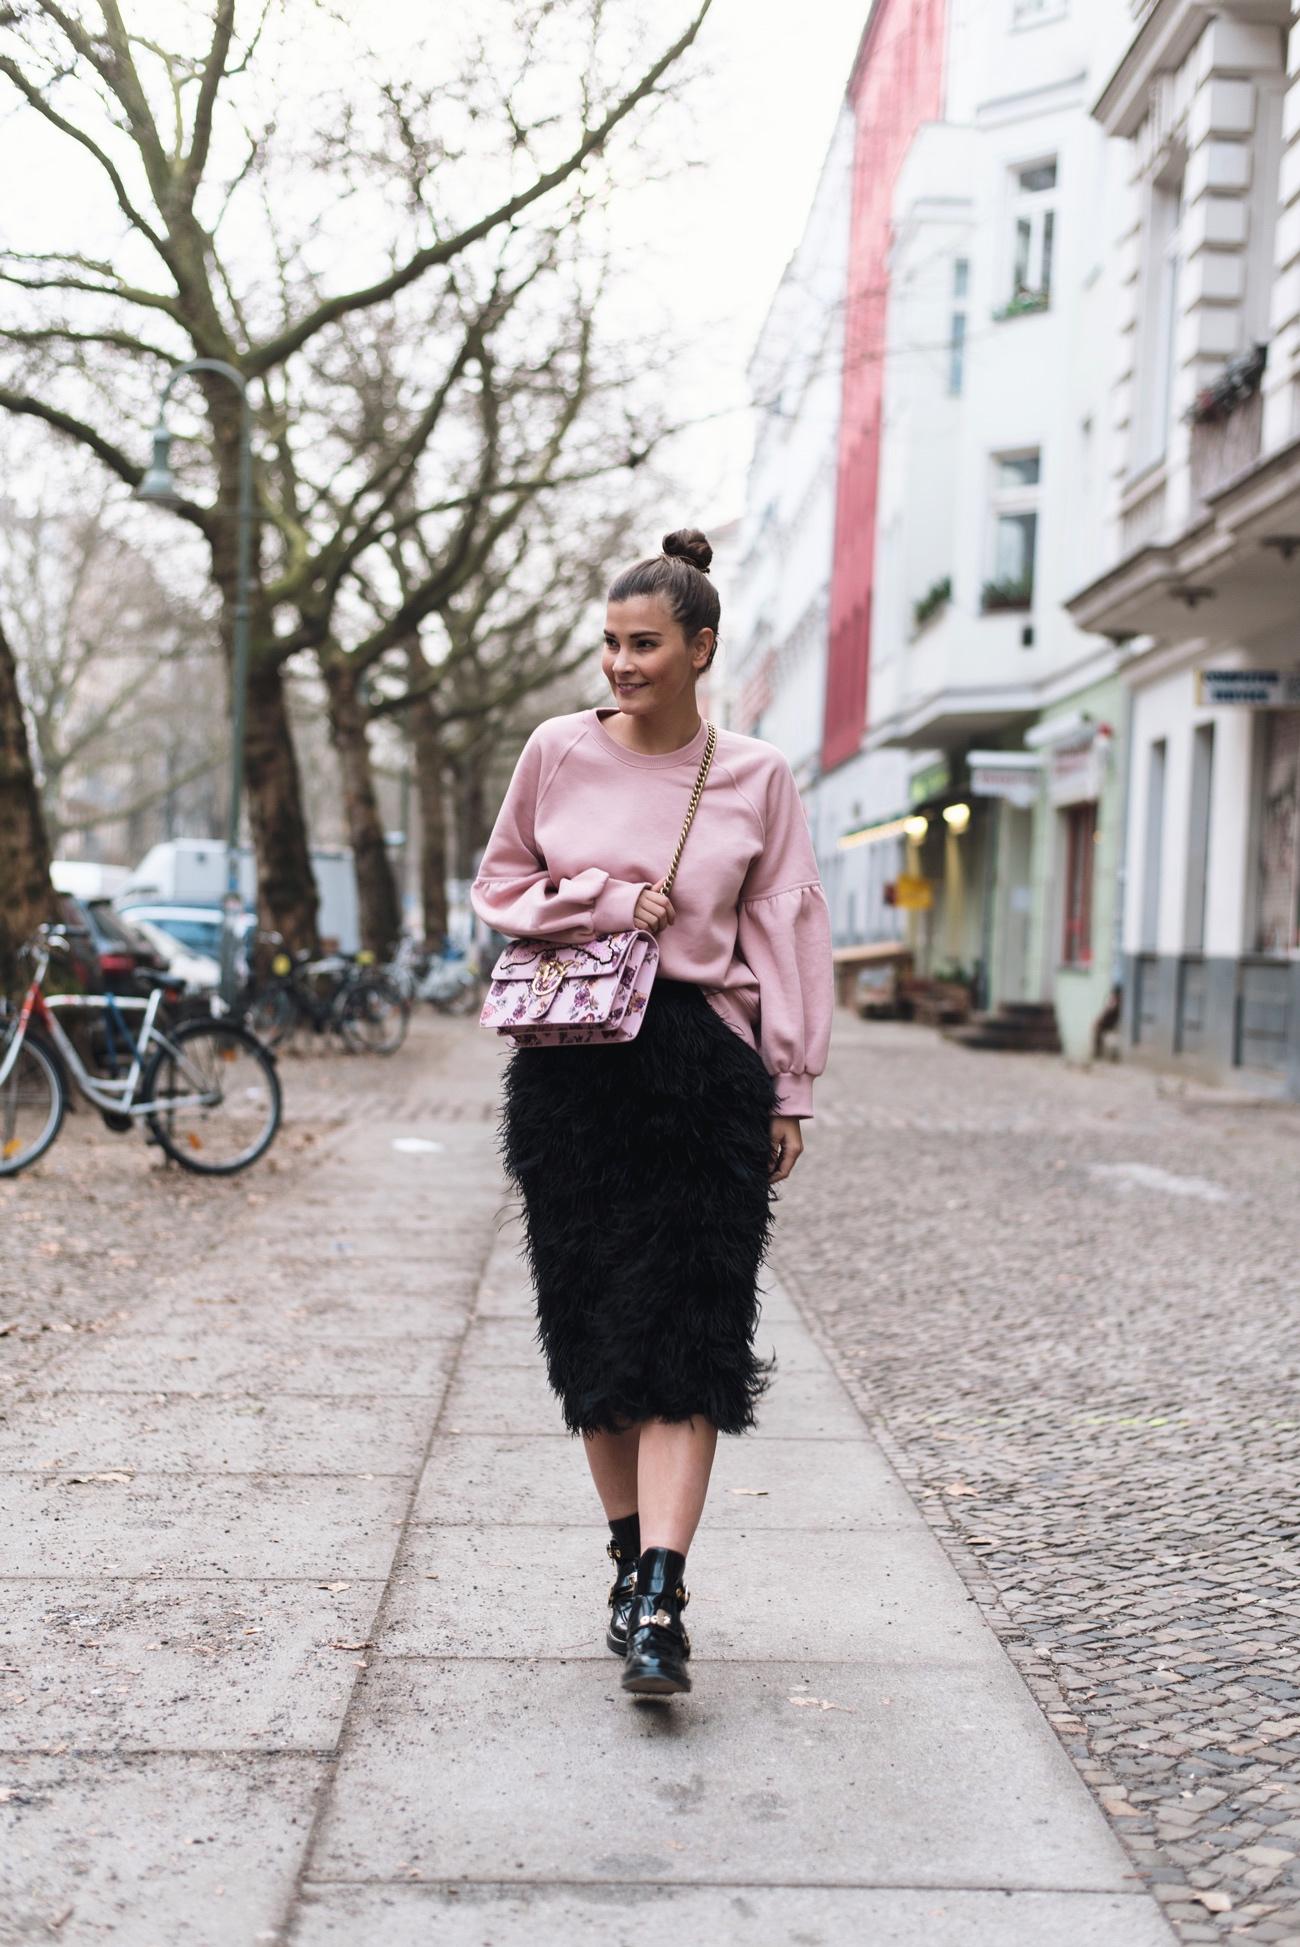 nina-schwichtenberg-modeblog-deutschland-fashionblog-berlin-streetstyle-fashiioncarpet